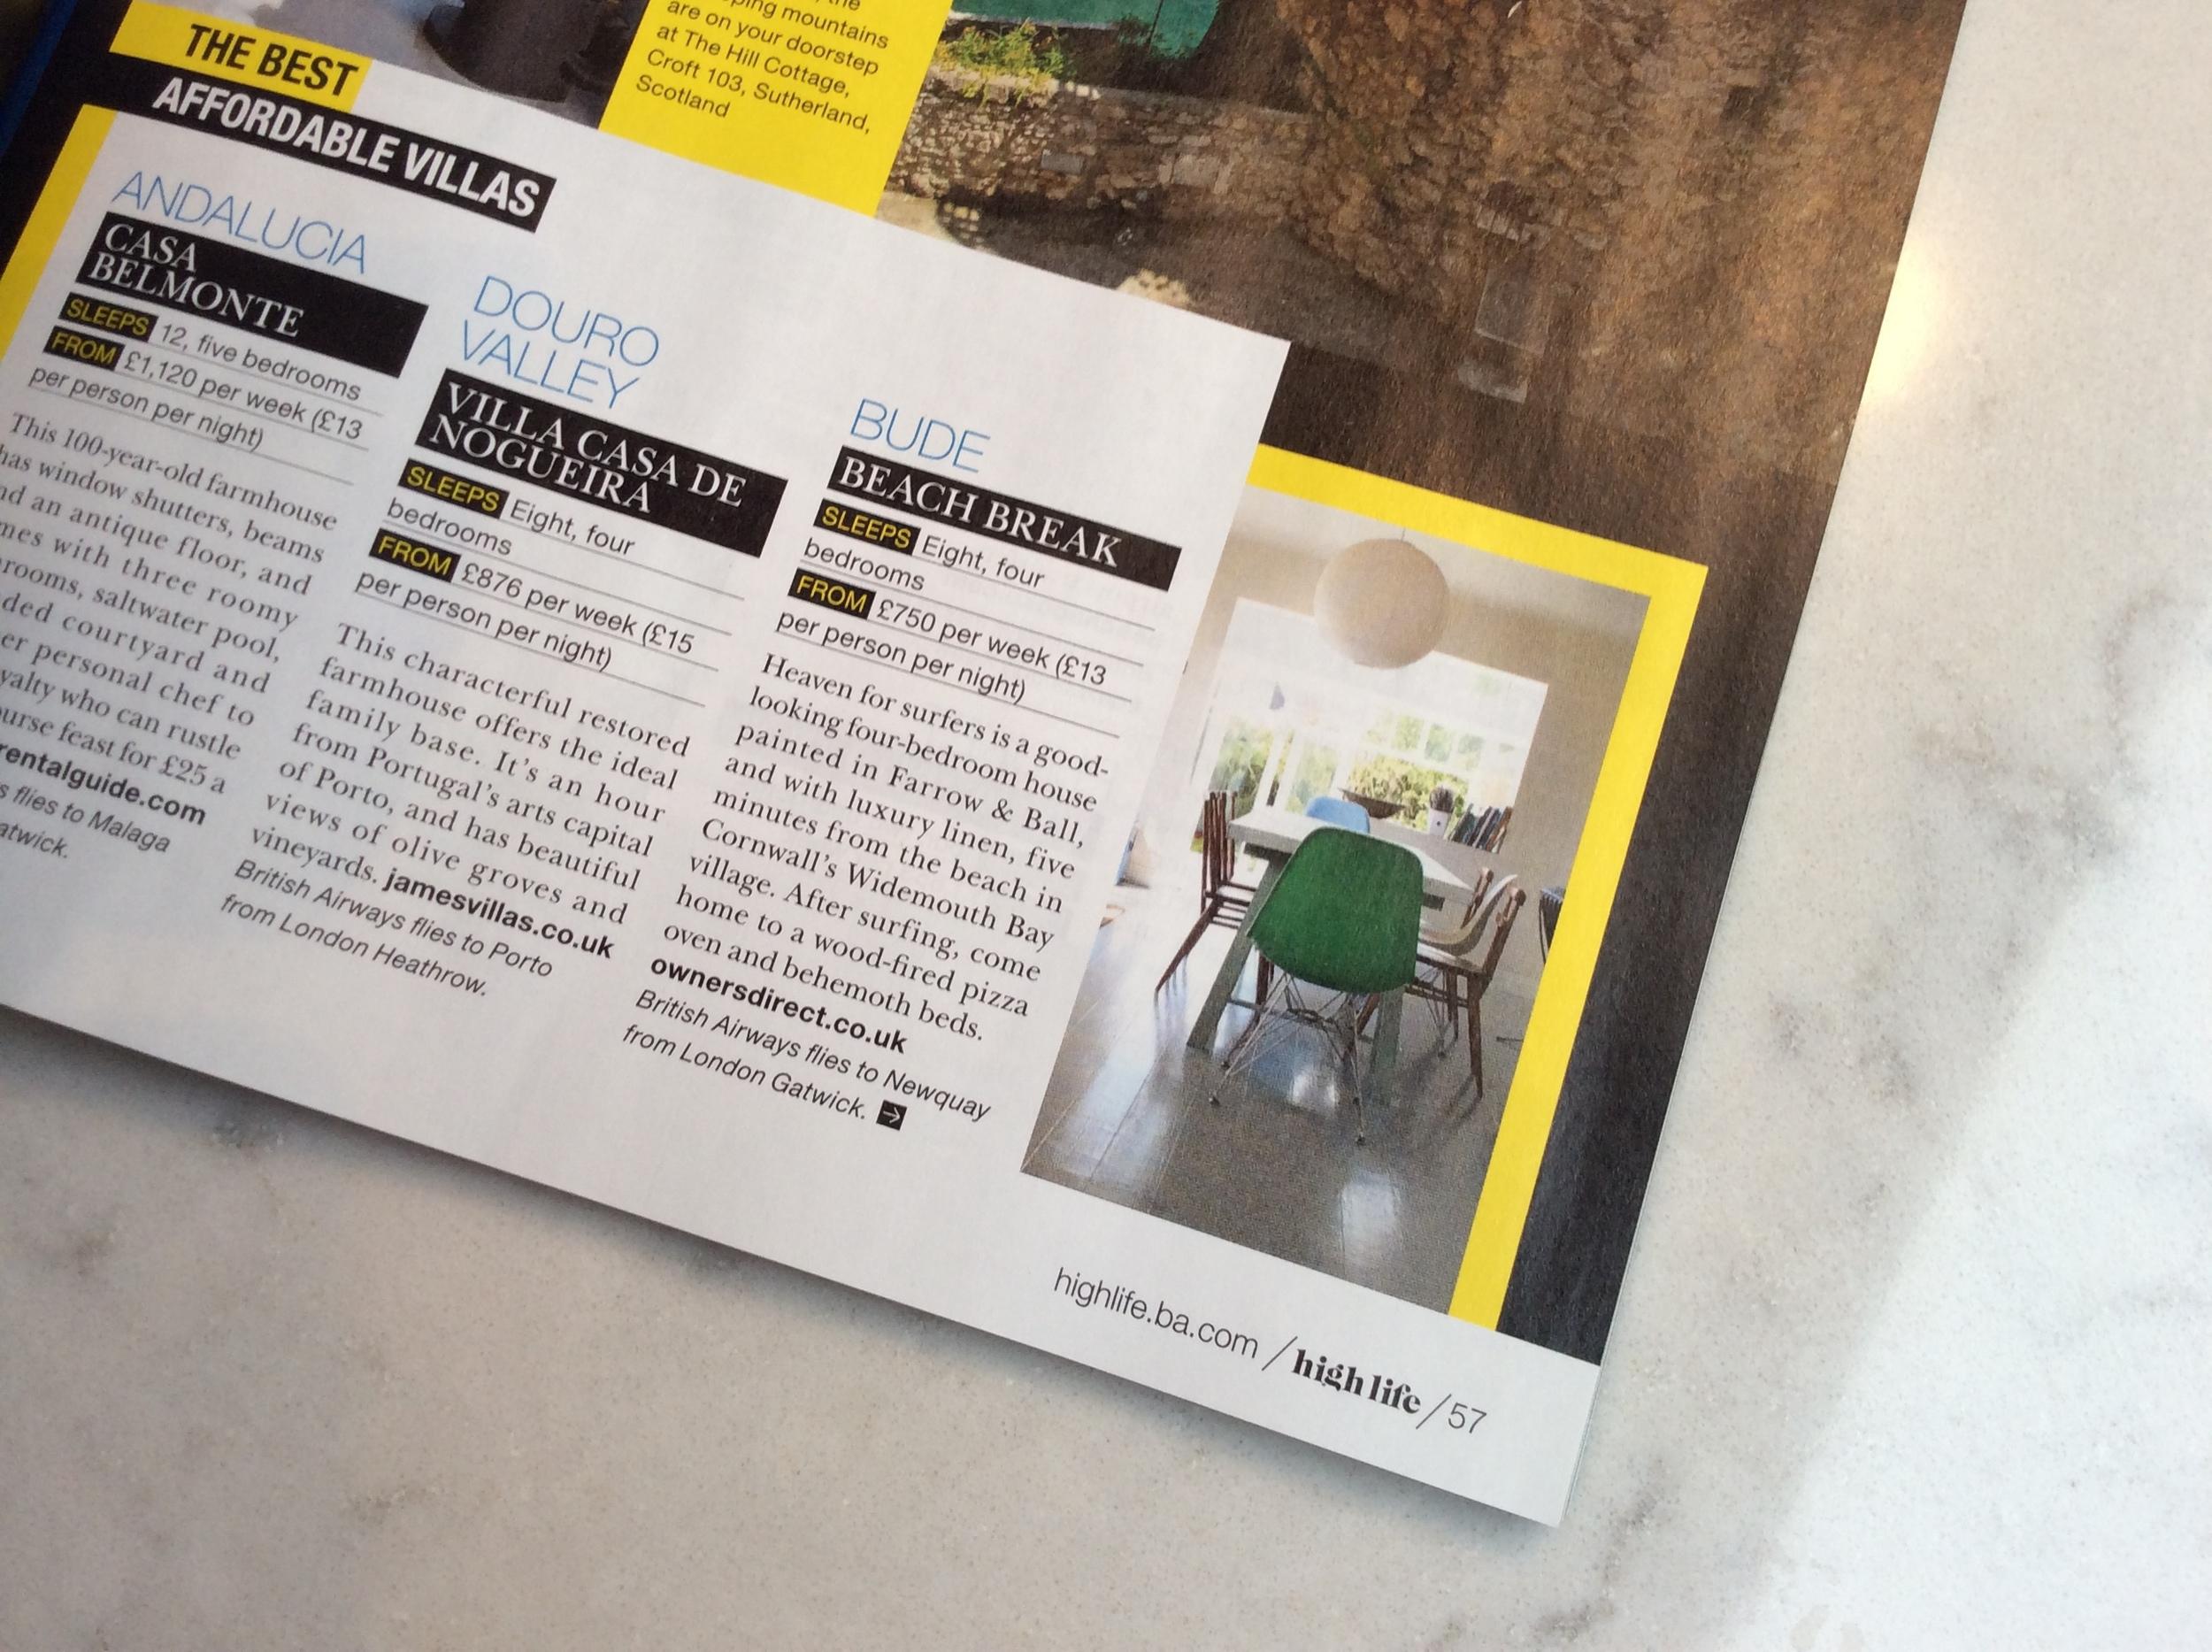 British Airways High Life magazine write up